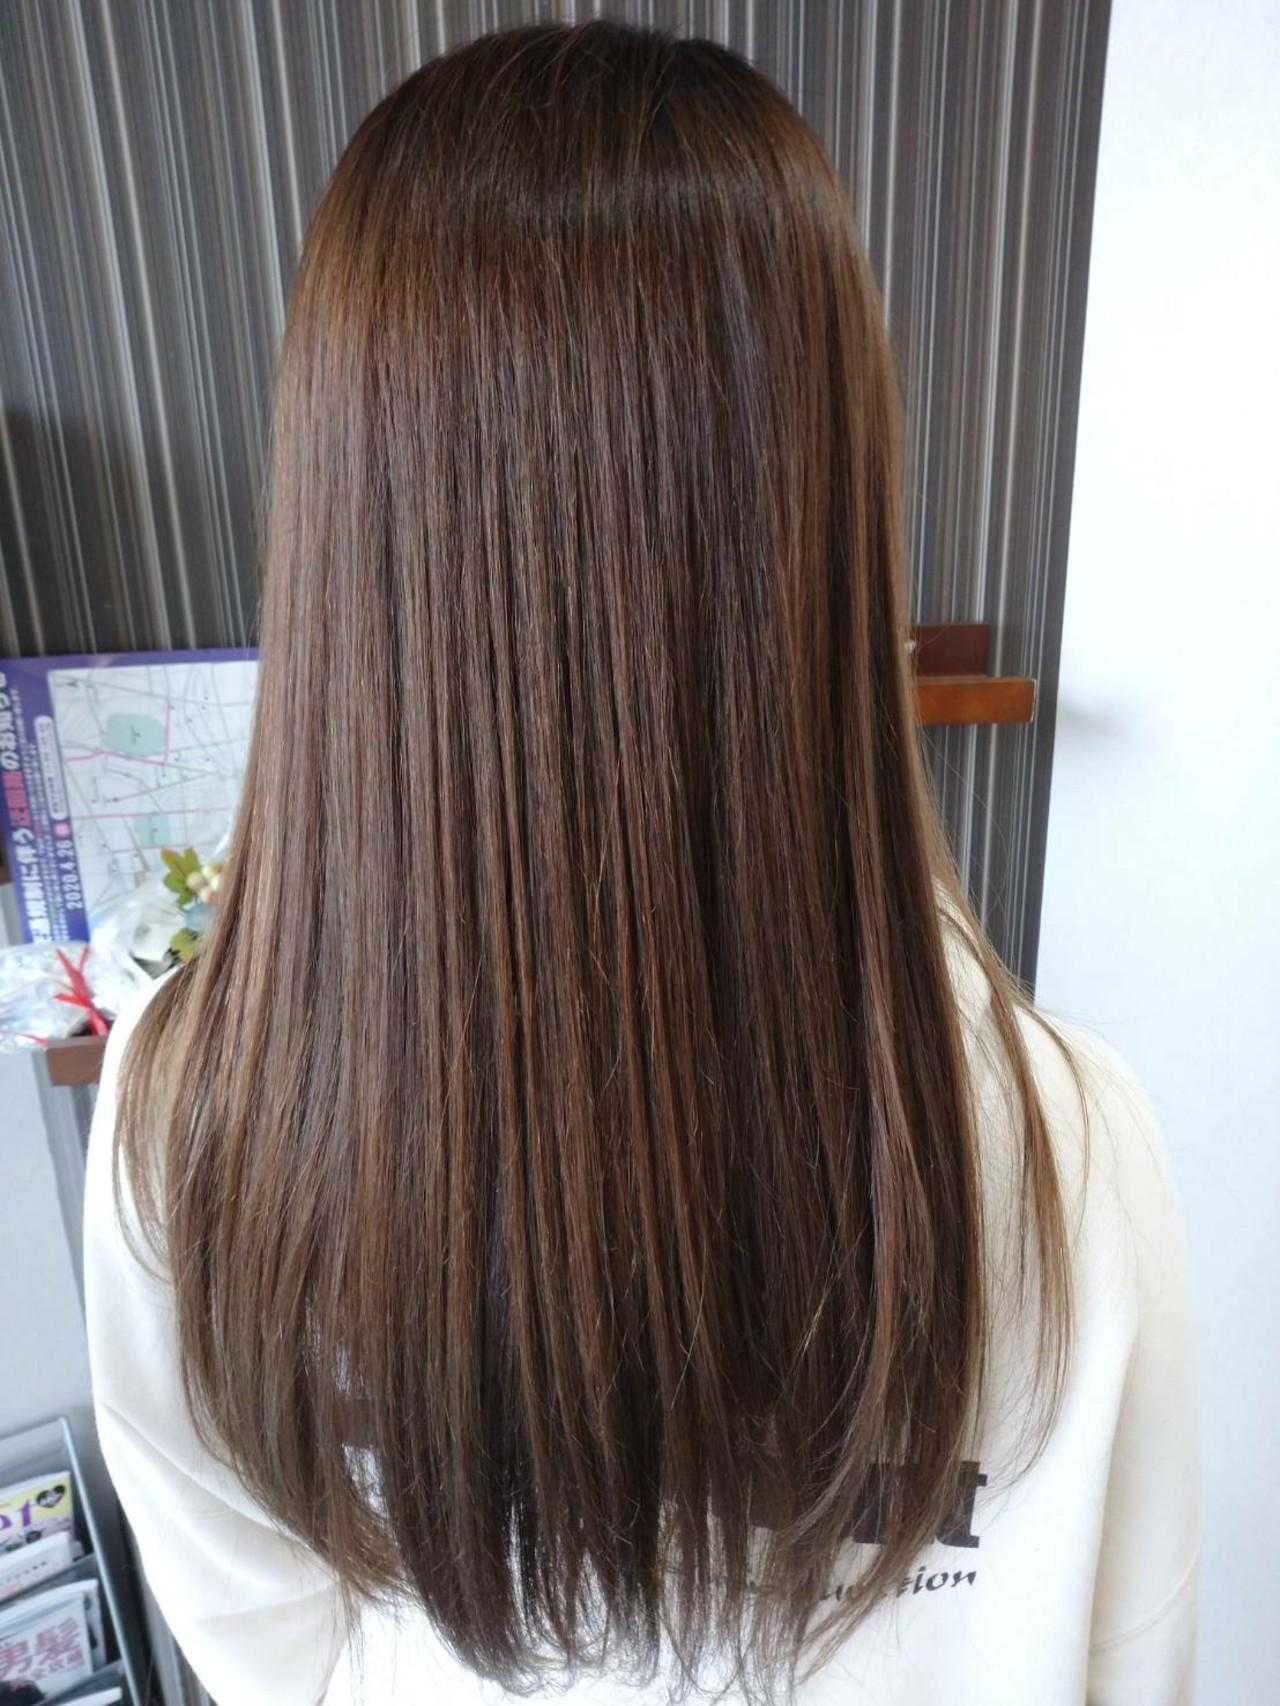 アディクシーカラー ナチュラル 髪質改善トリートメント セミロング ヘアスタイルや髪型の写真・画像